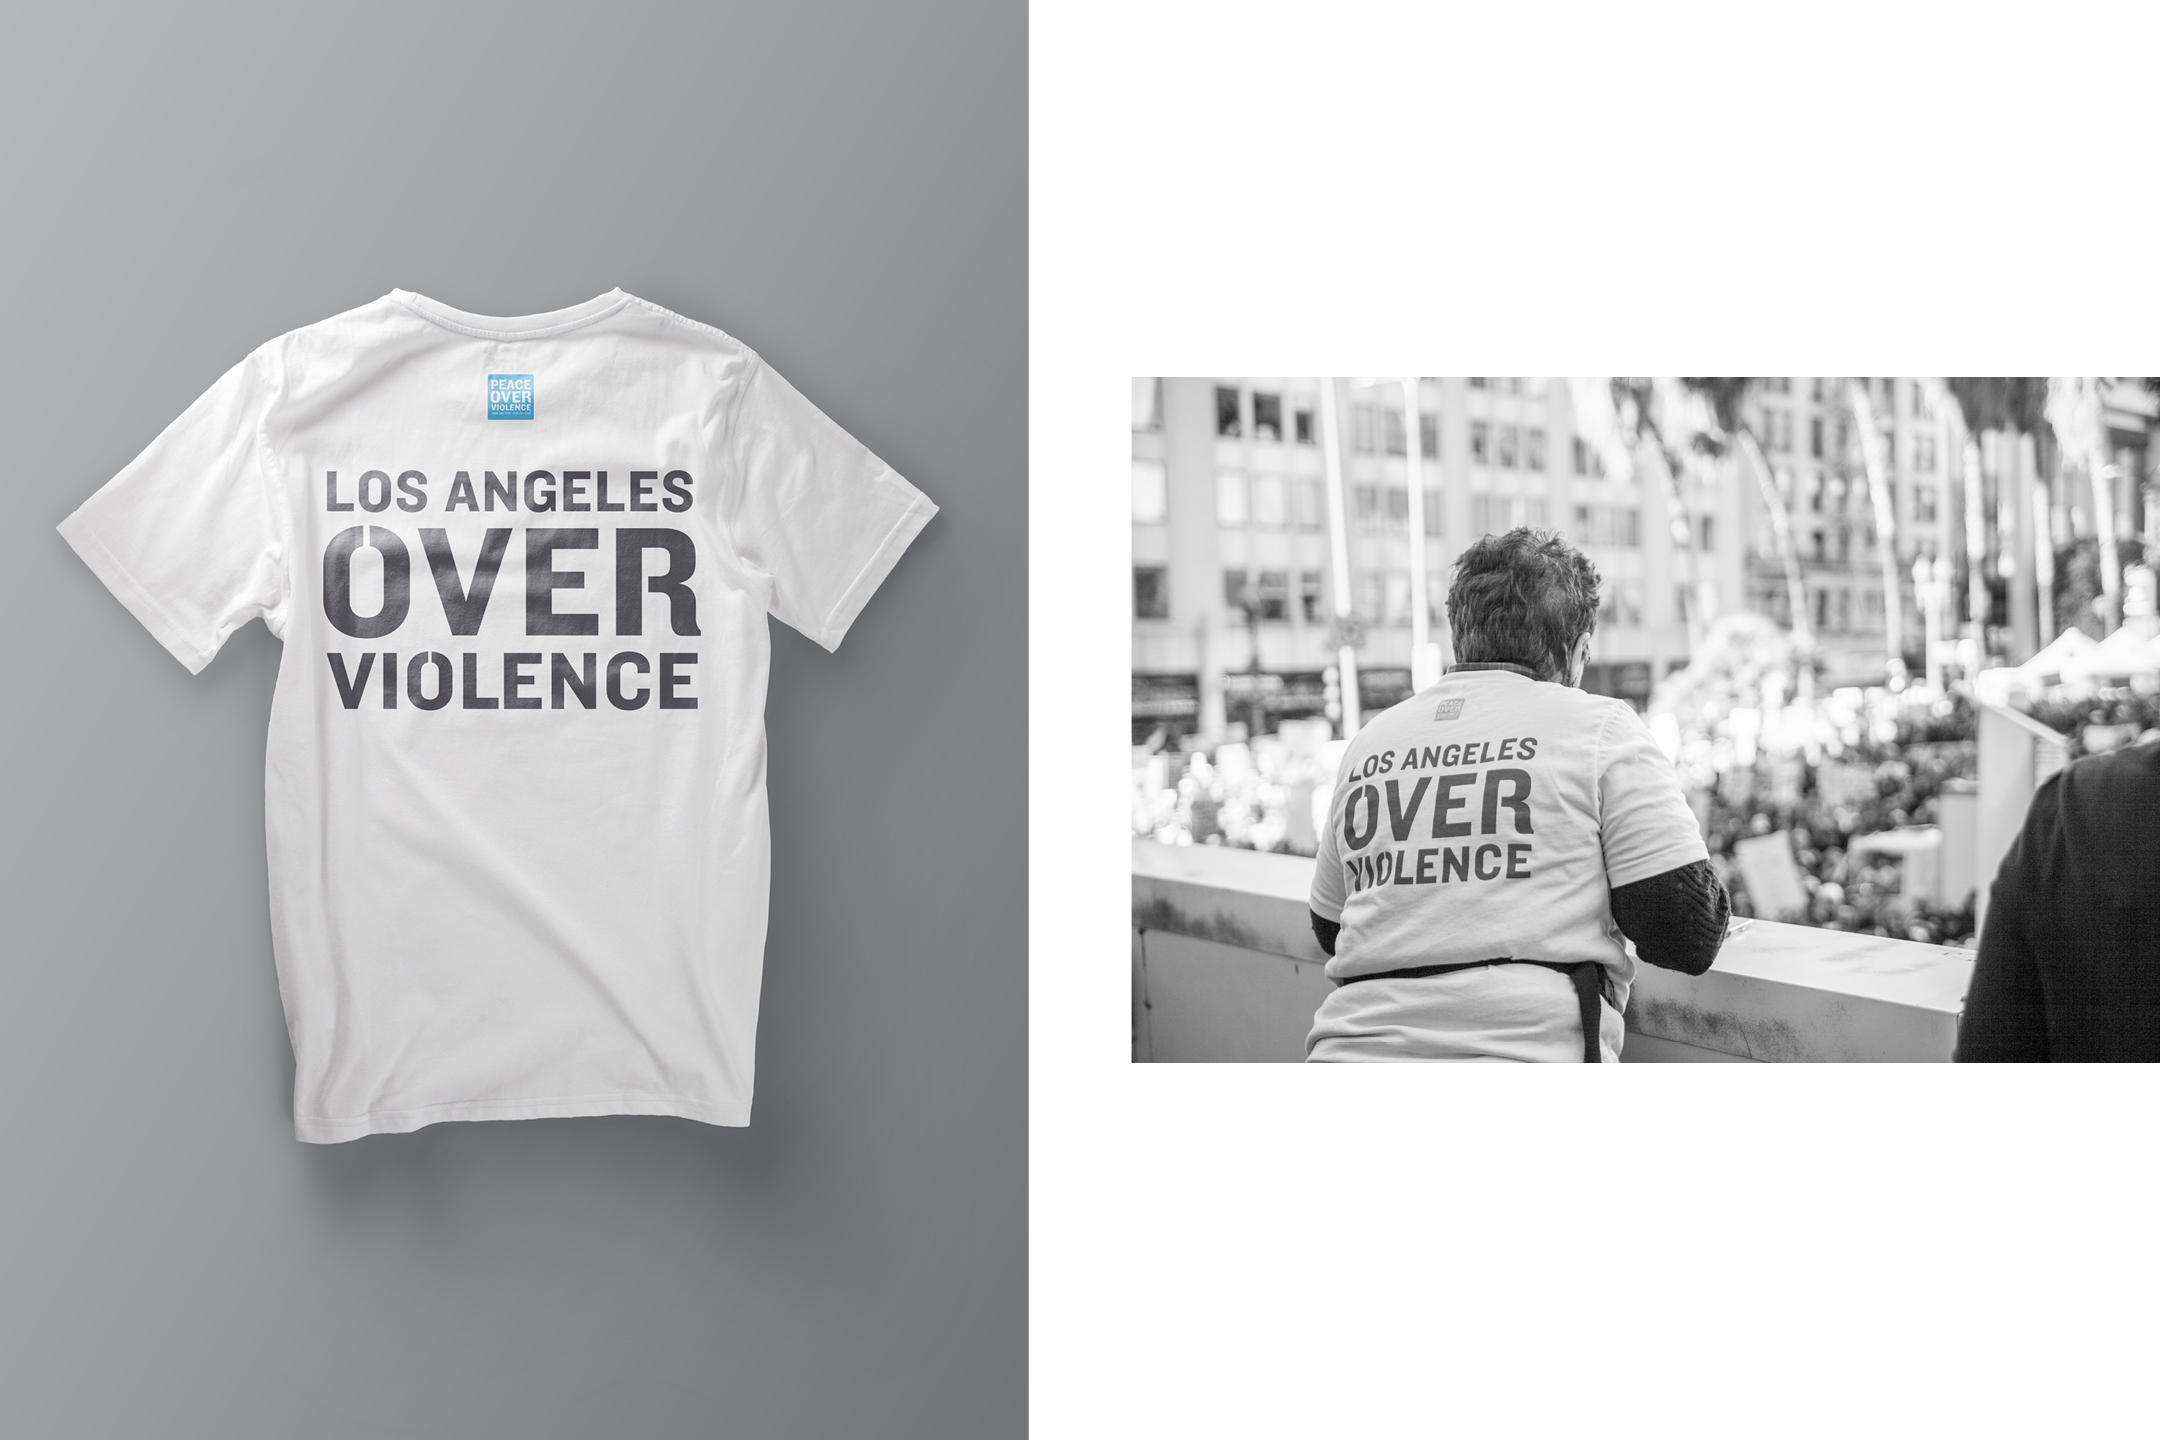 pov-la-shirt.jpg